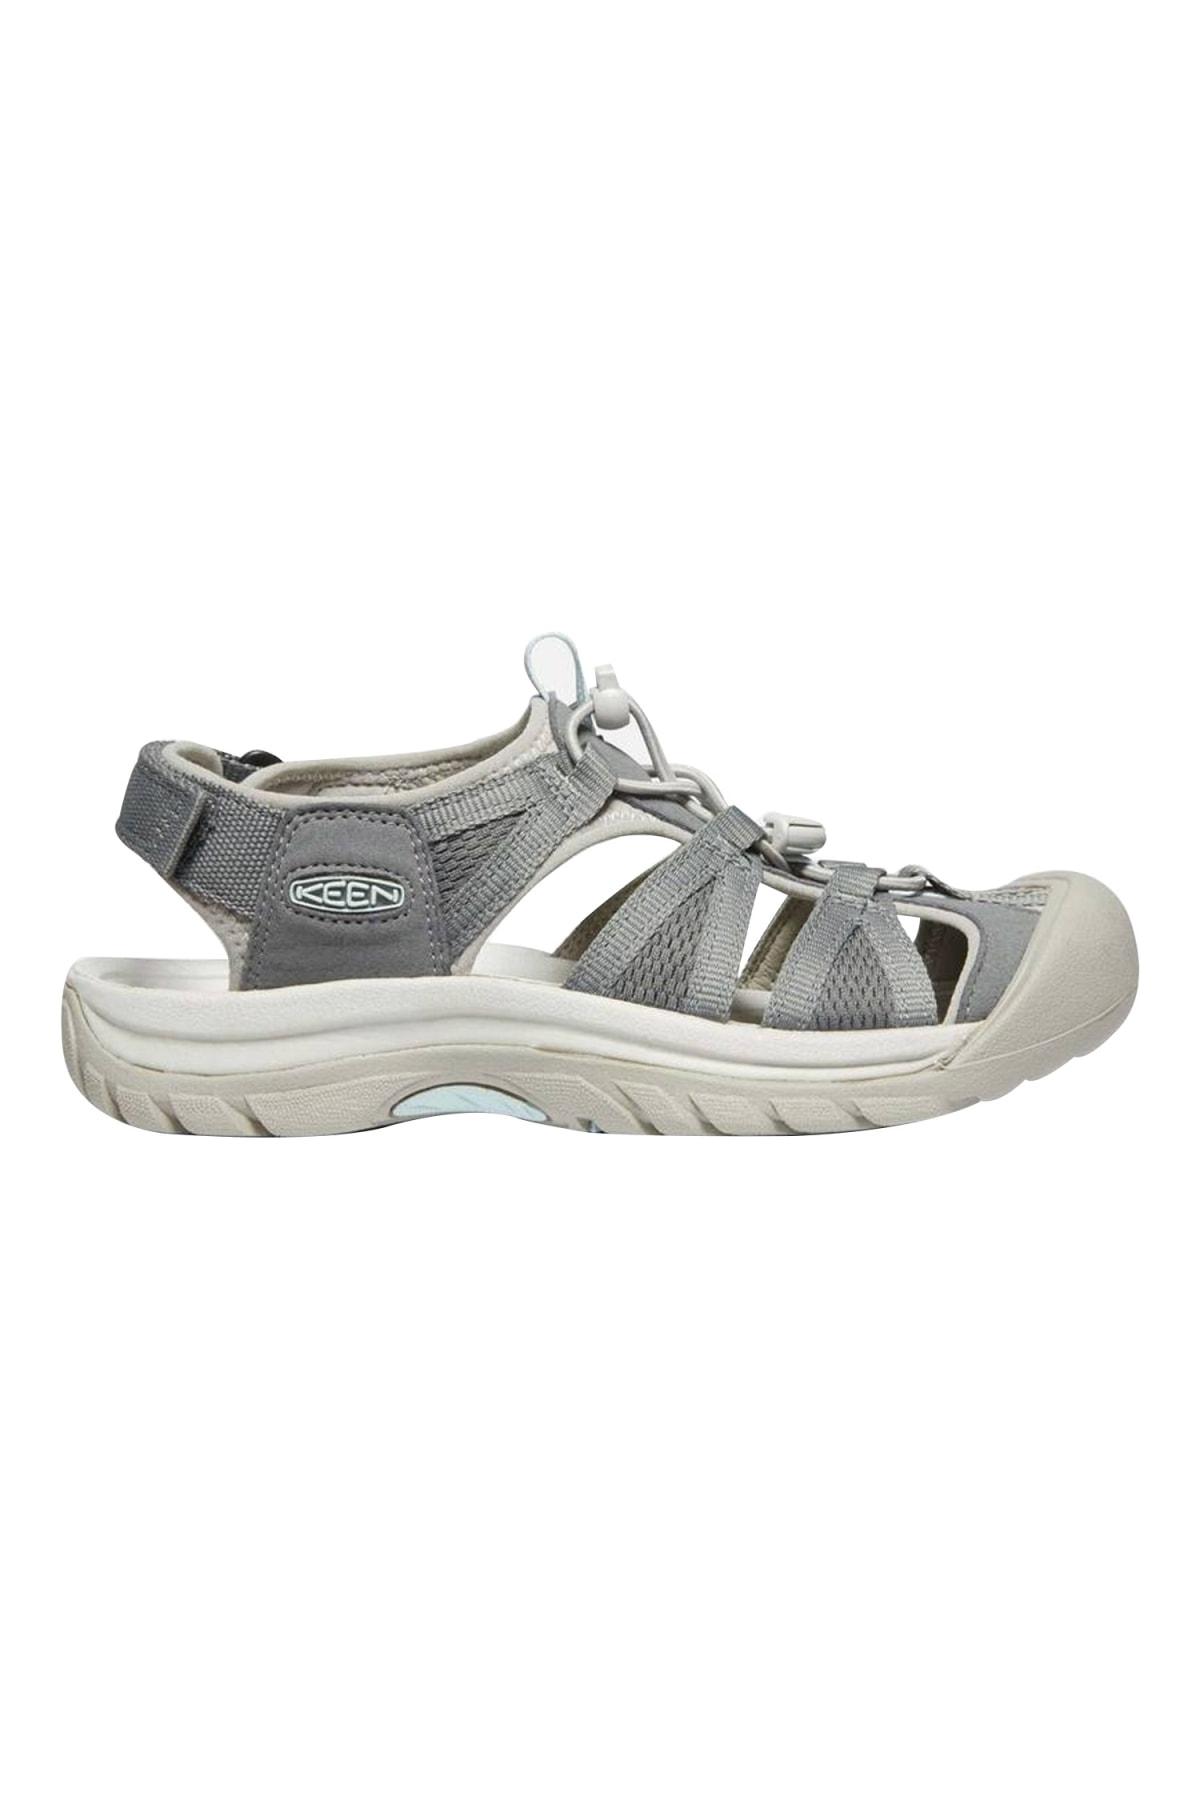 Keen Venice Iı H2 Kadın Gri Sandalet 1020853 1